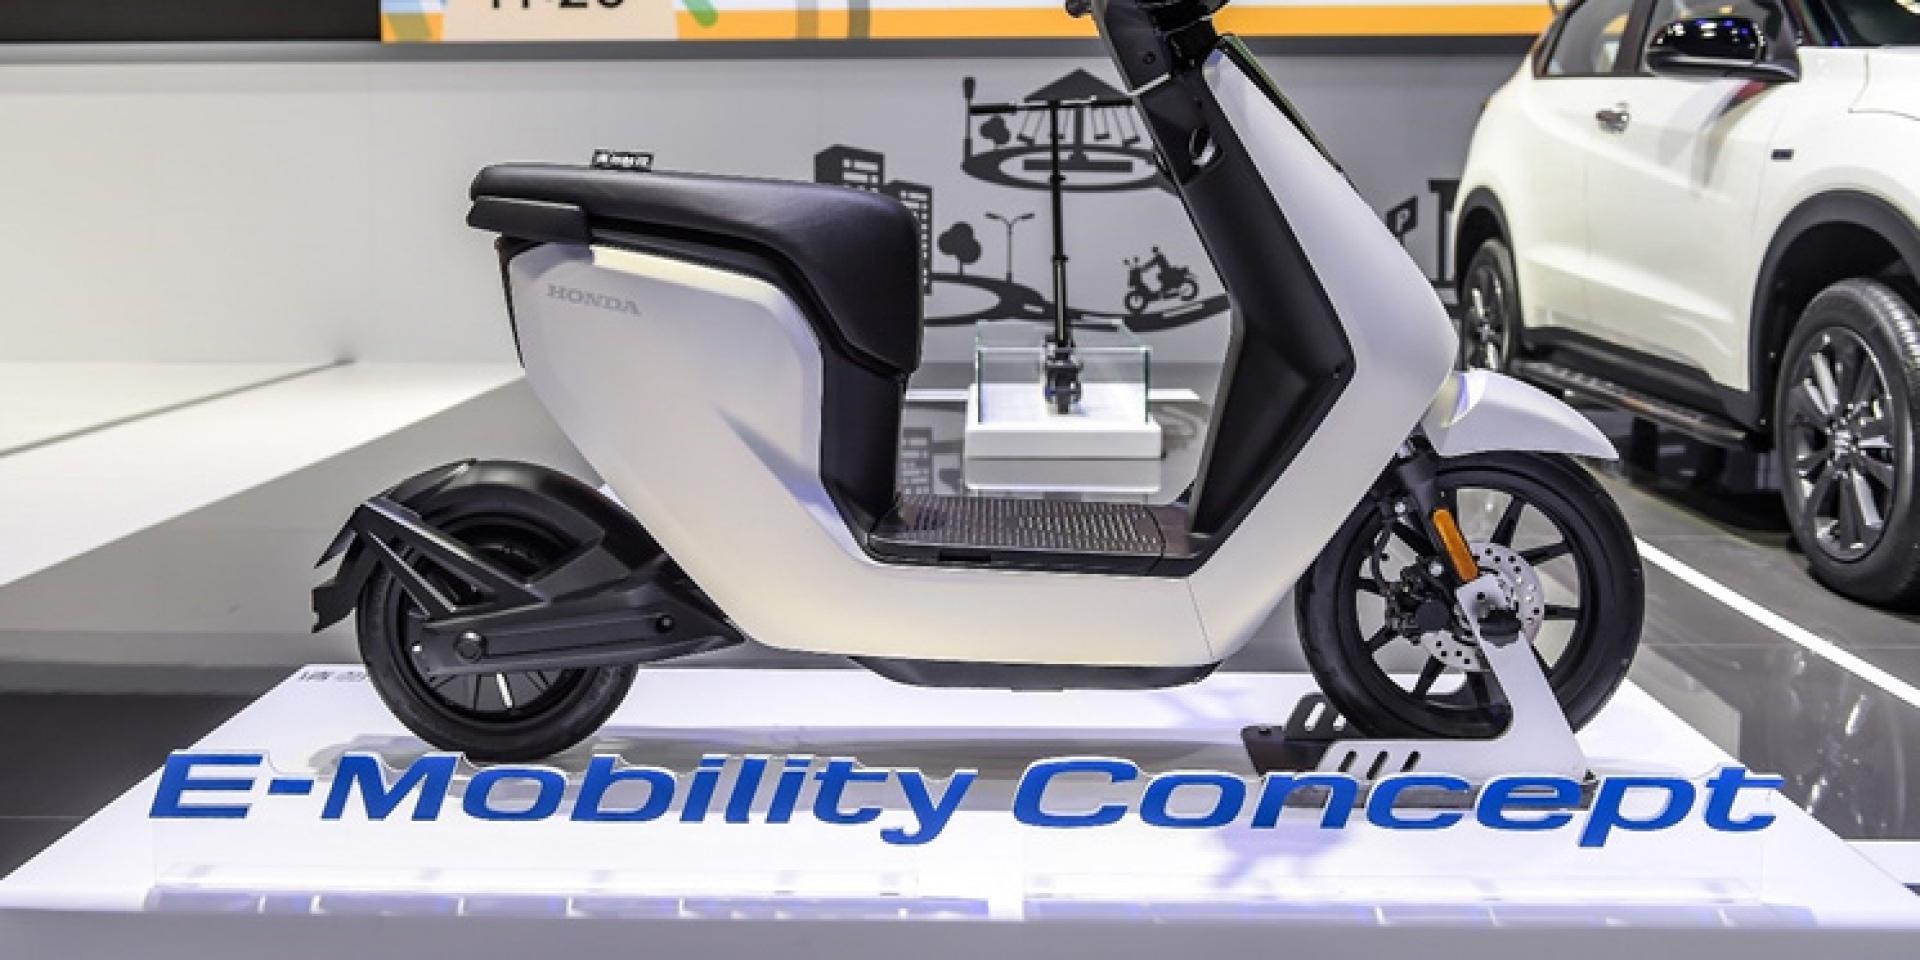 Honda佈局純電動機車市場,首款鋰電池電動機車2018年底發布